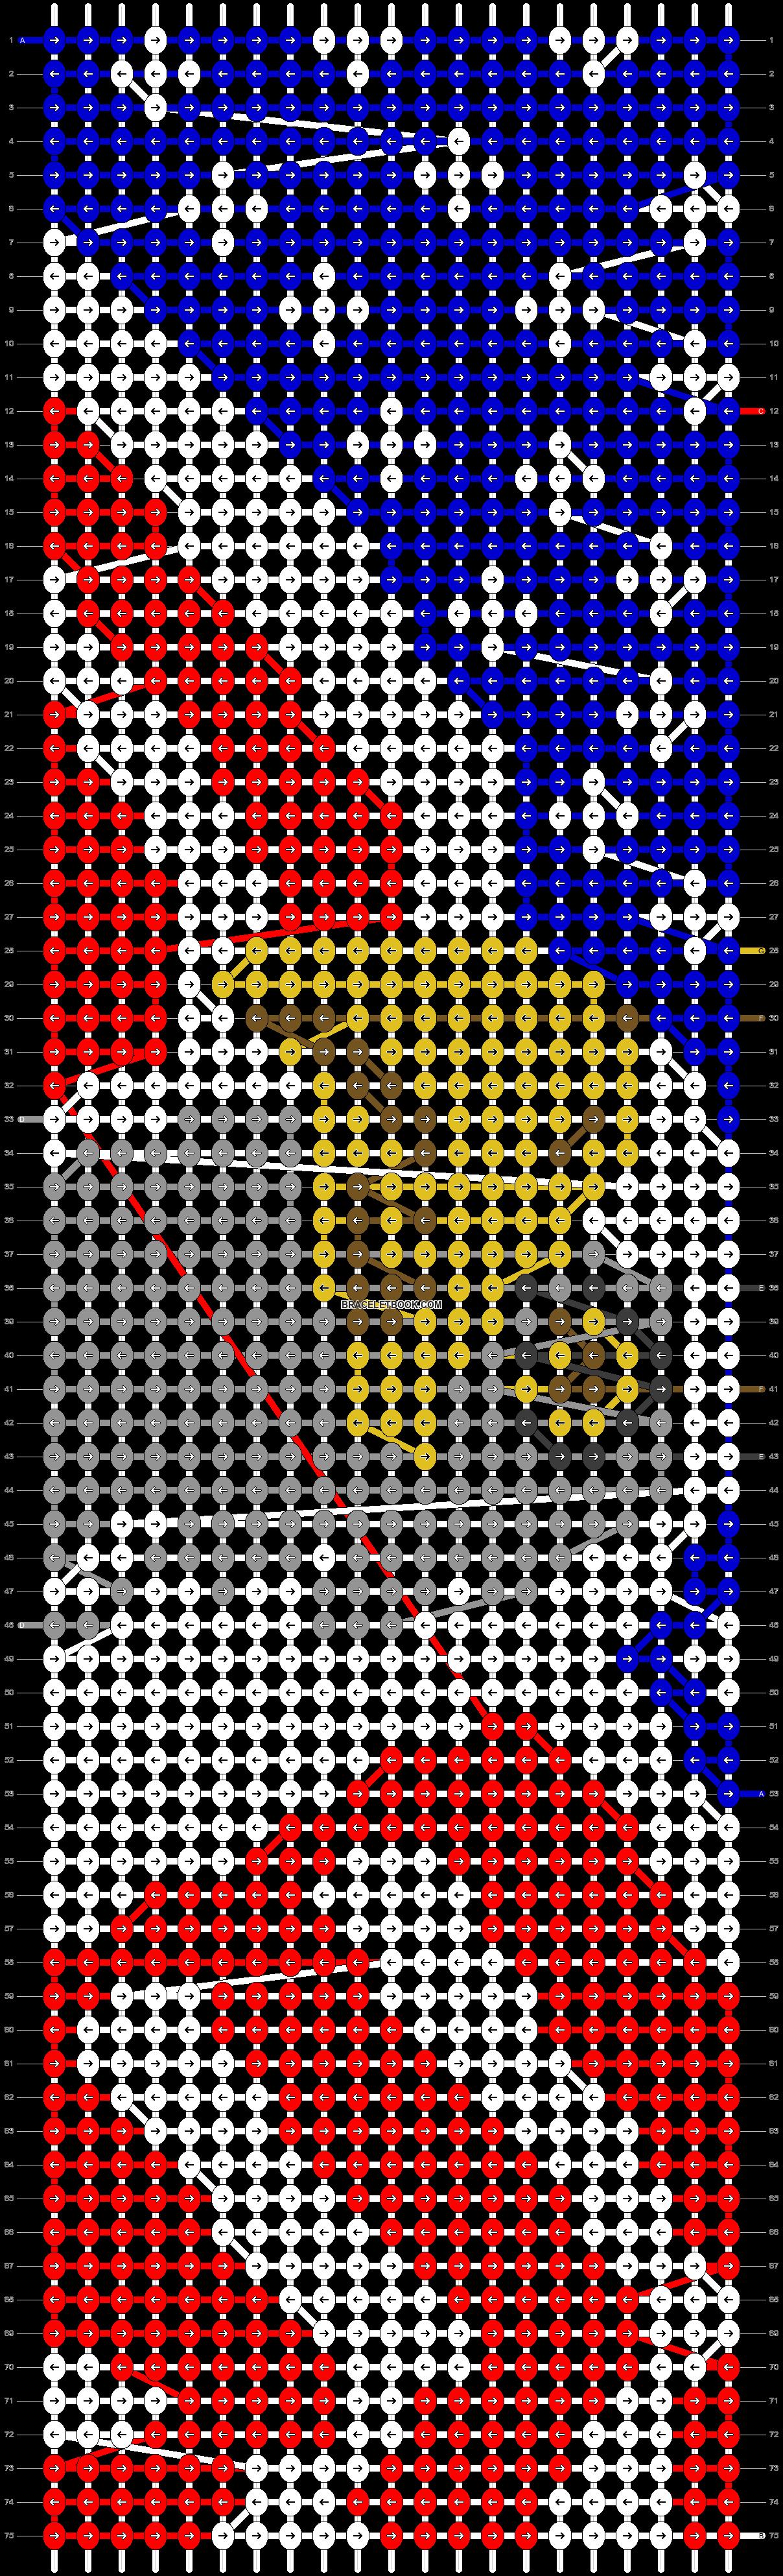 Alpha Pattern #18869 added by animefreak